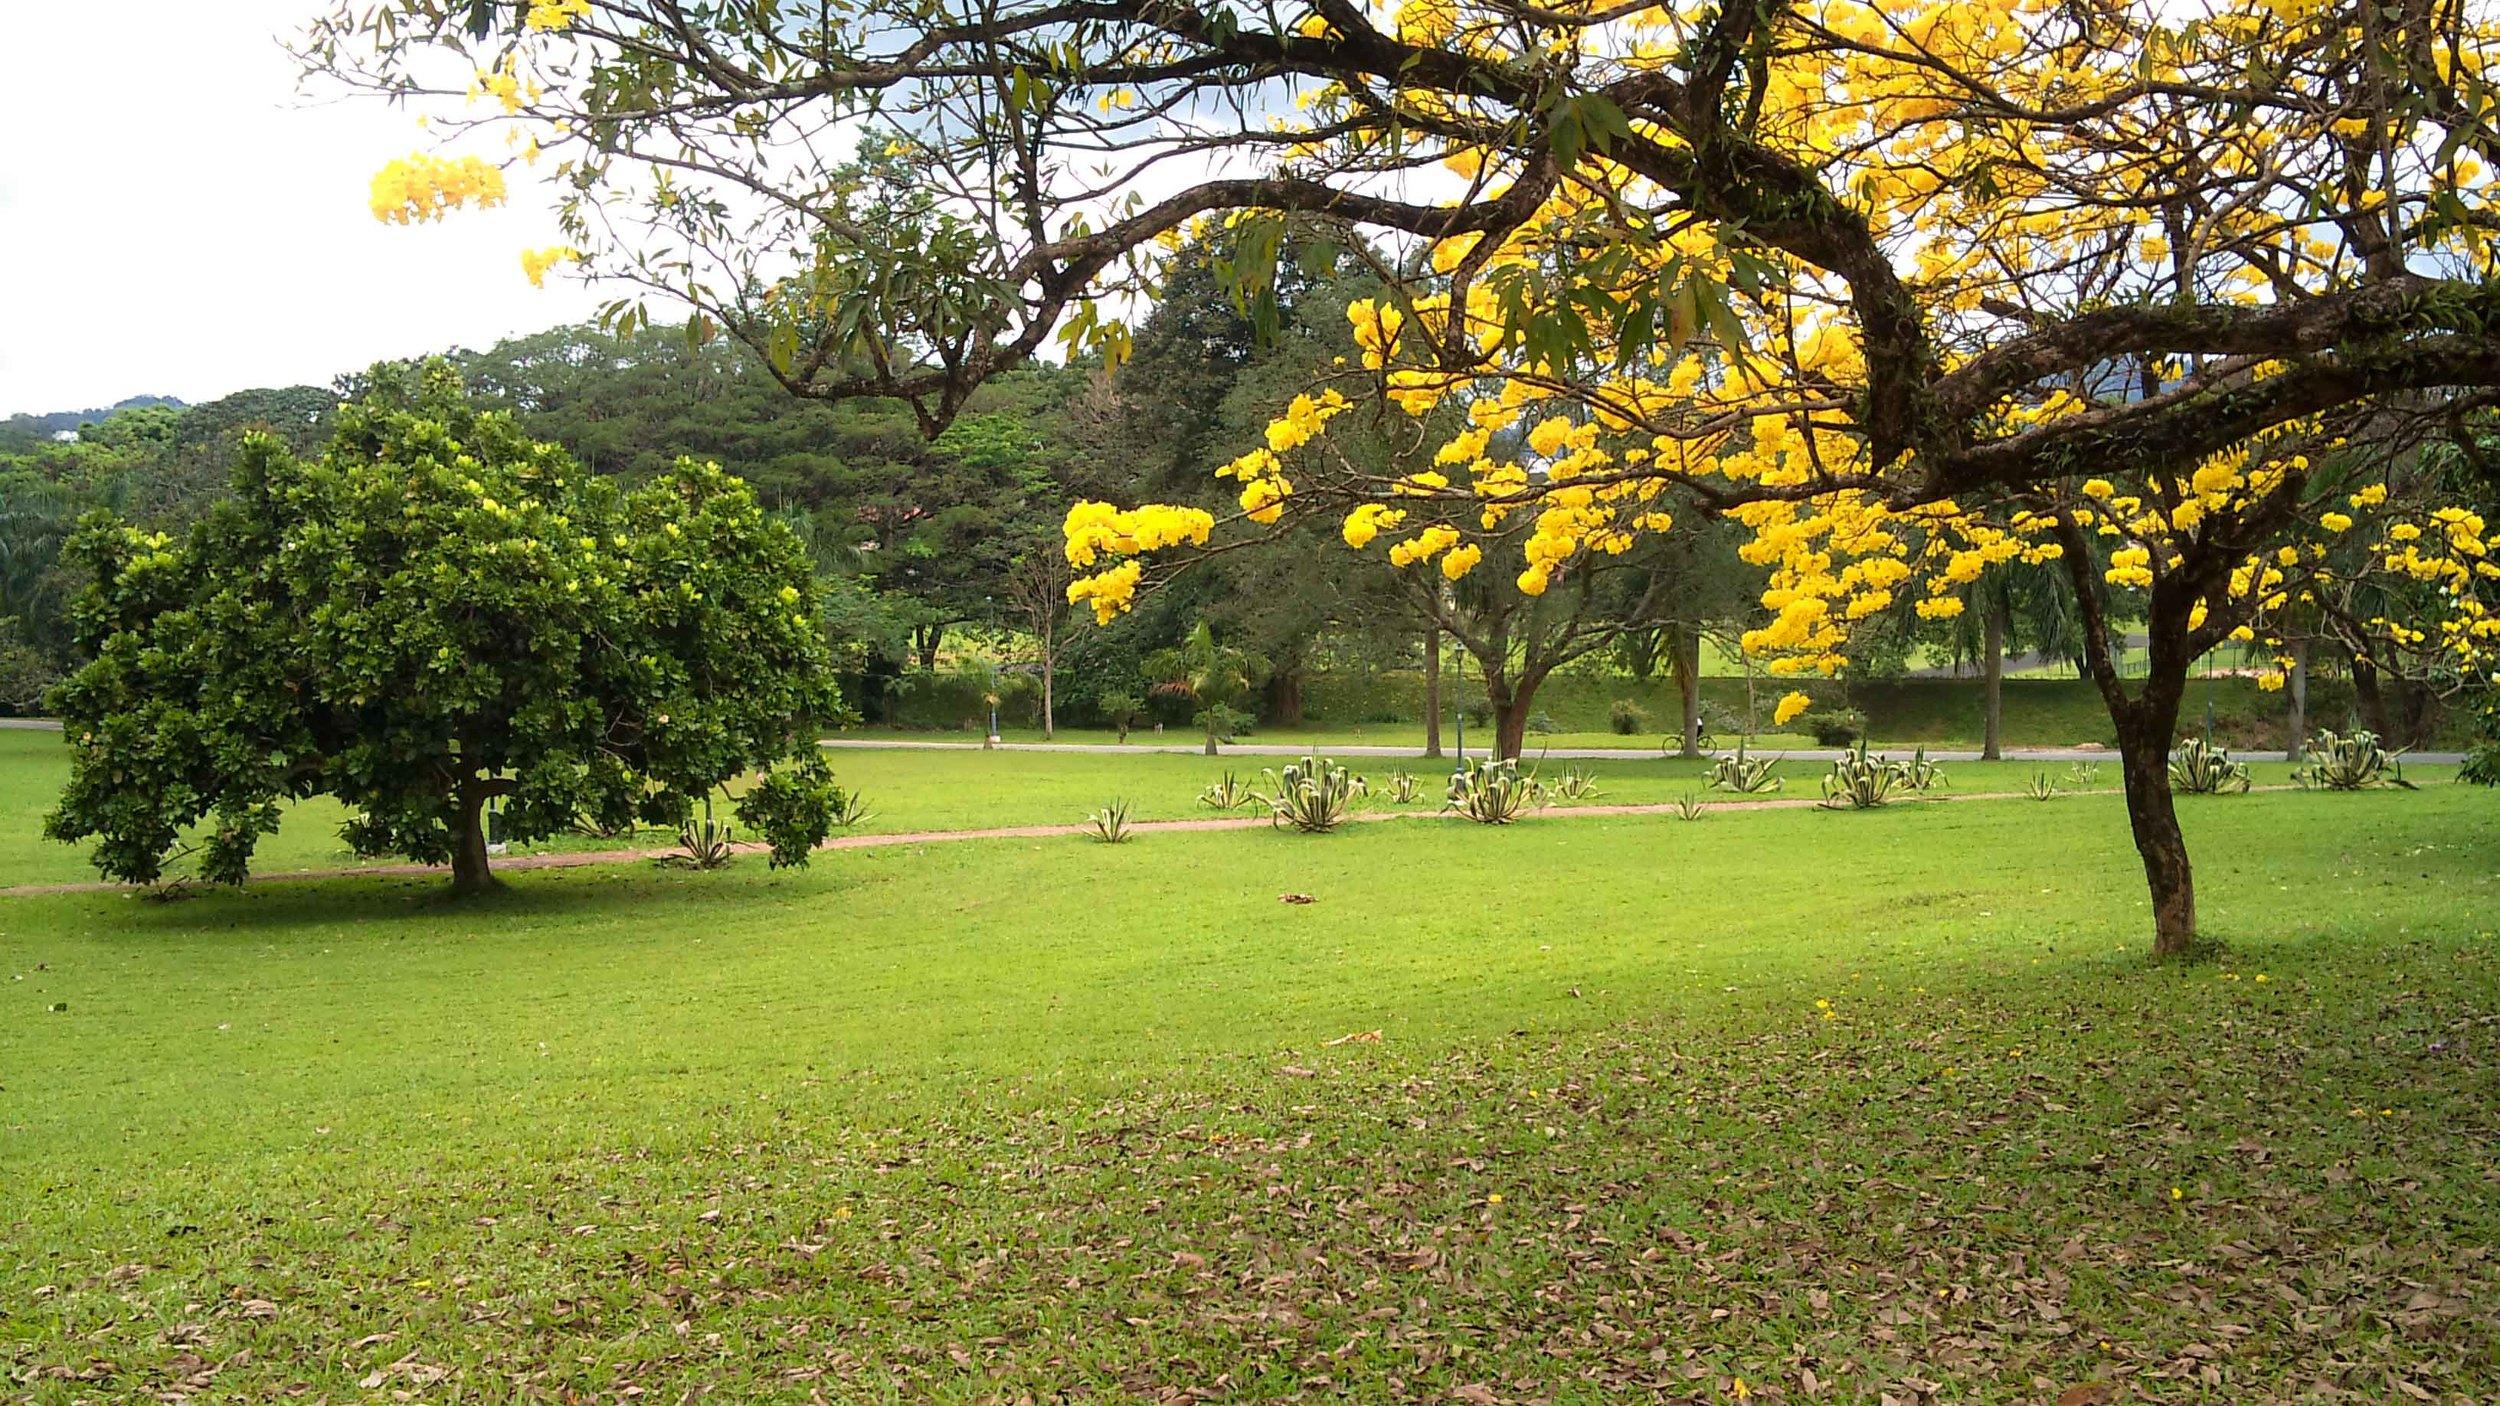 The lovely, verdant campus of the University of Peradeniya.